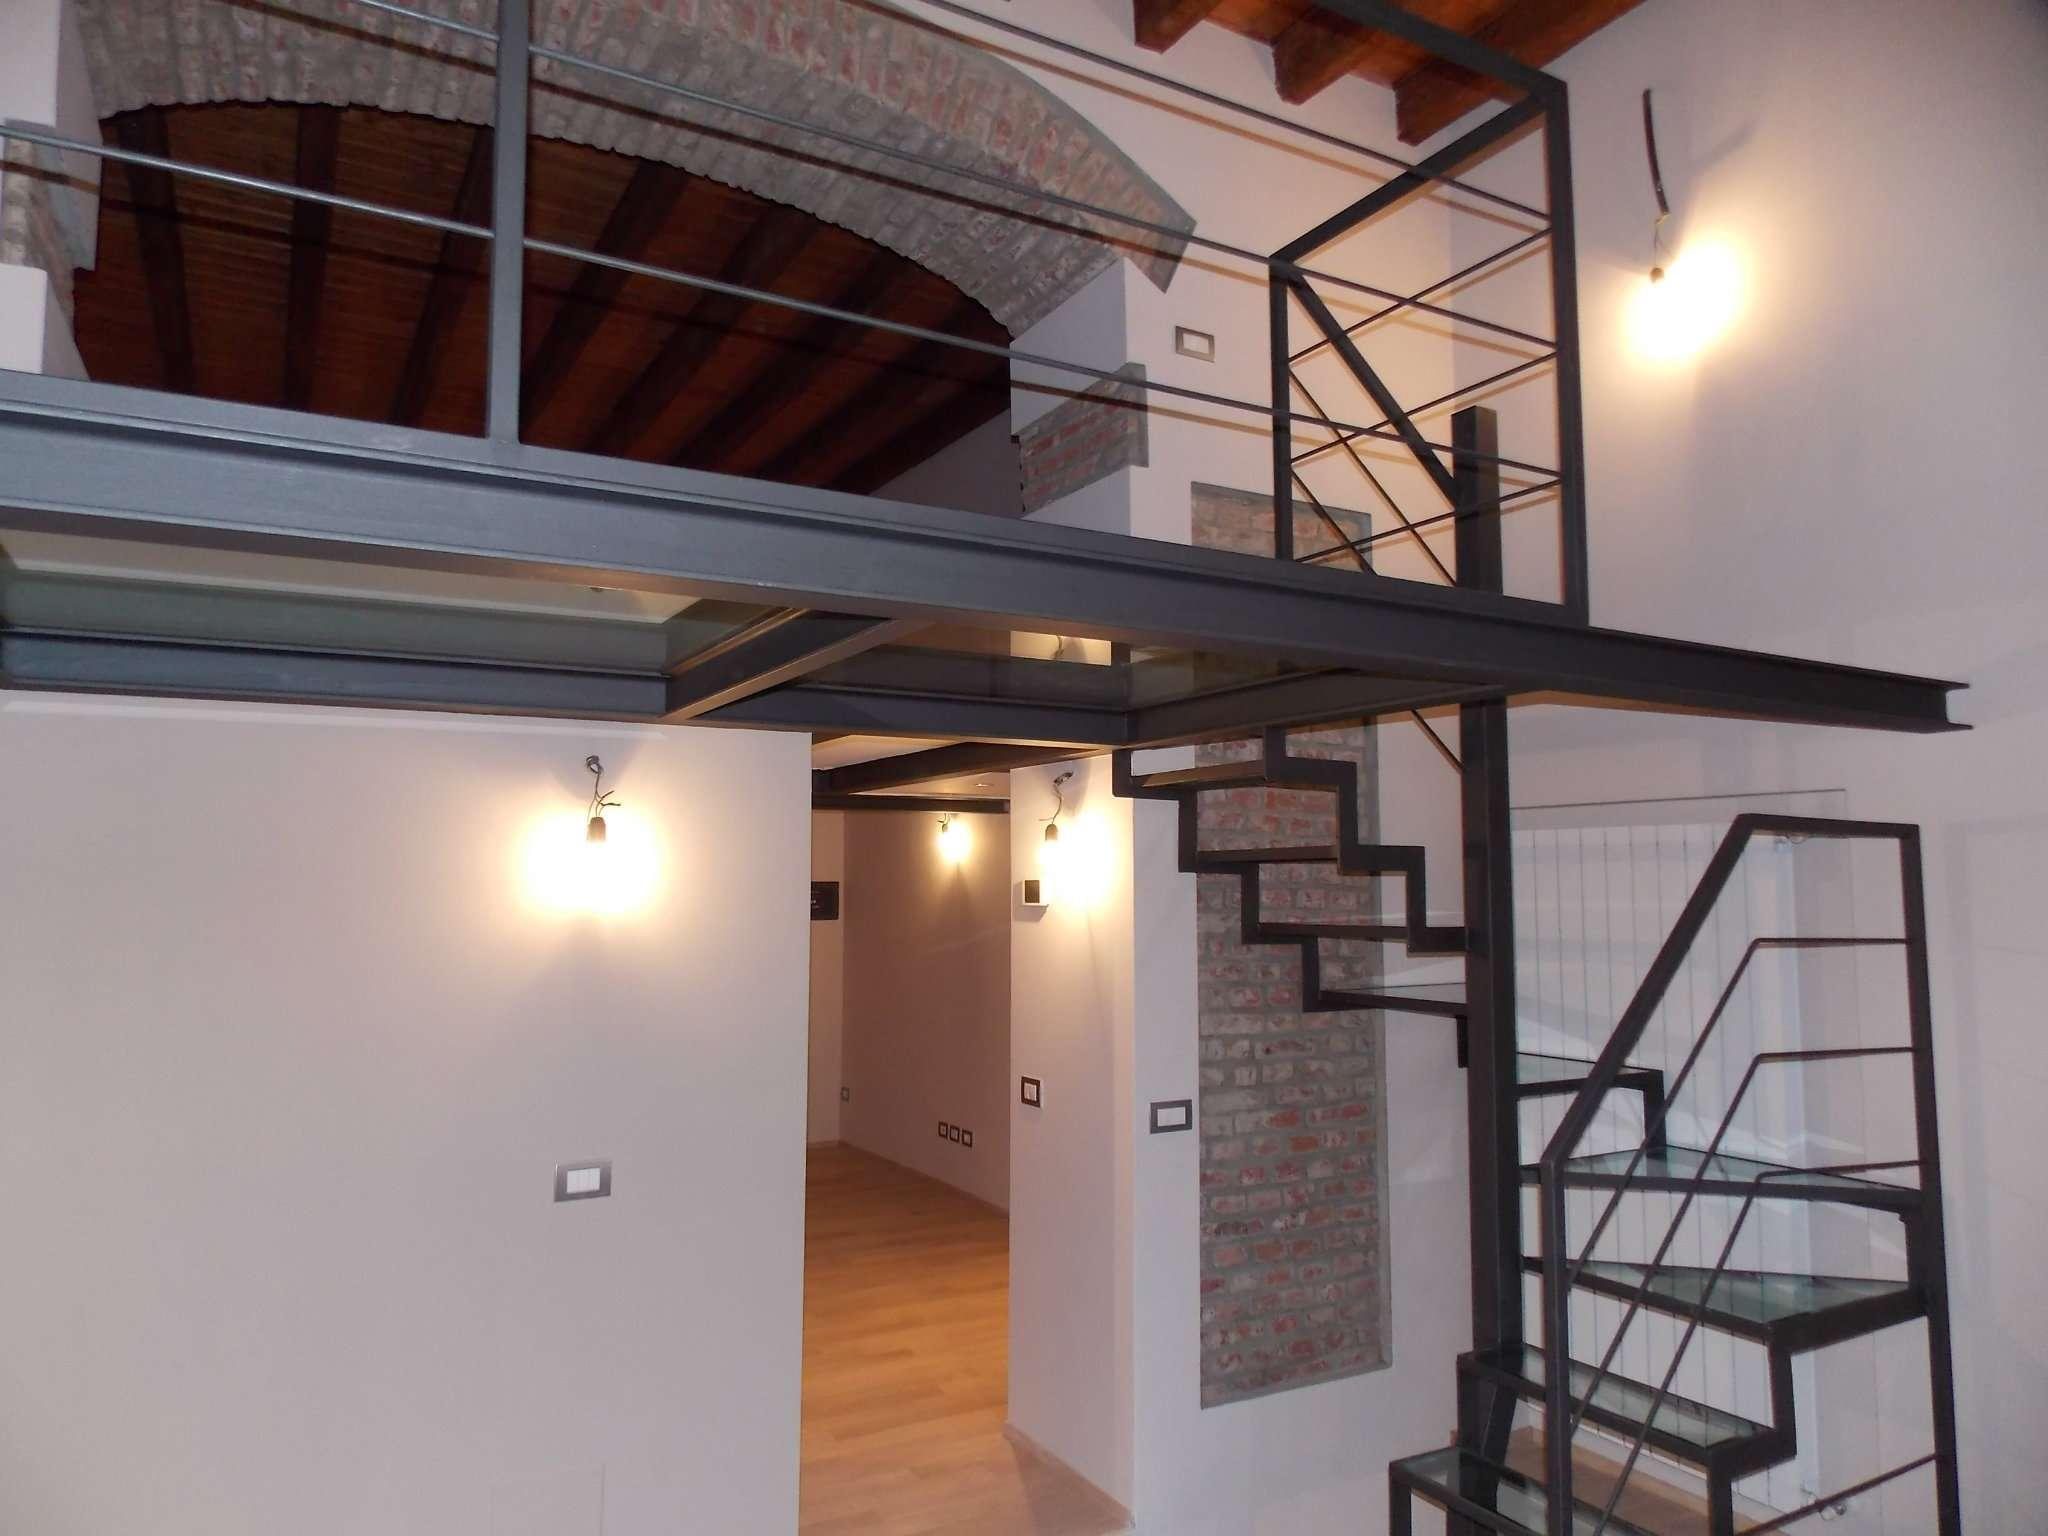 Appartamento in vendita a Milano, 4 locali, zona Zona: 8 . Bocconi, C.so Italia, Ticinese, Bligny, prezzo € 350.000 | Cambio Casa.it